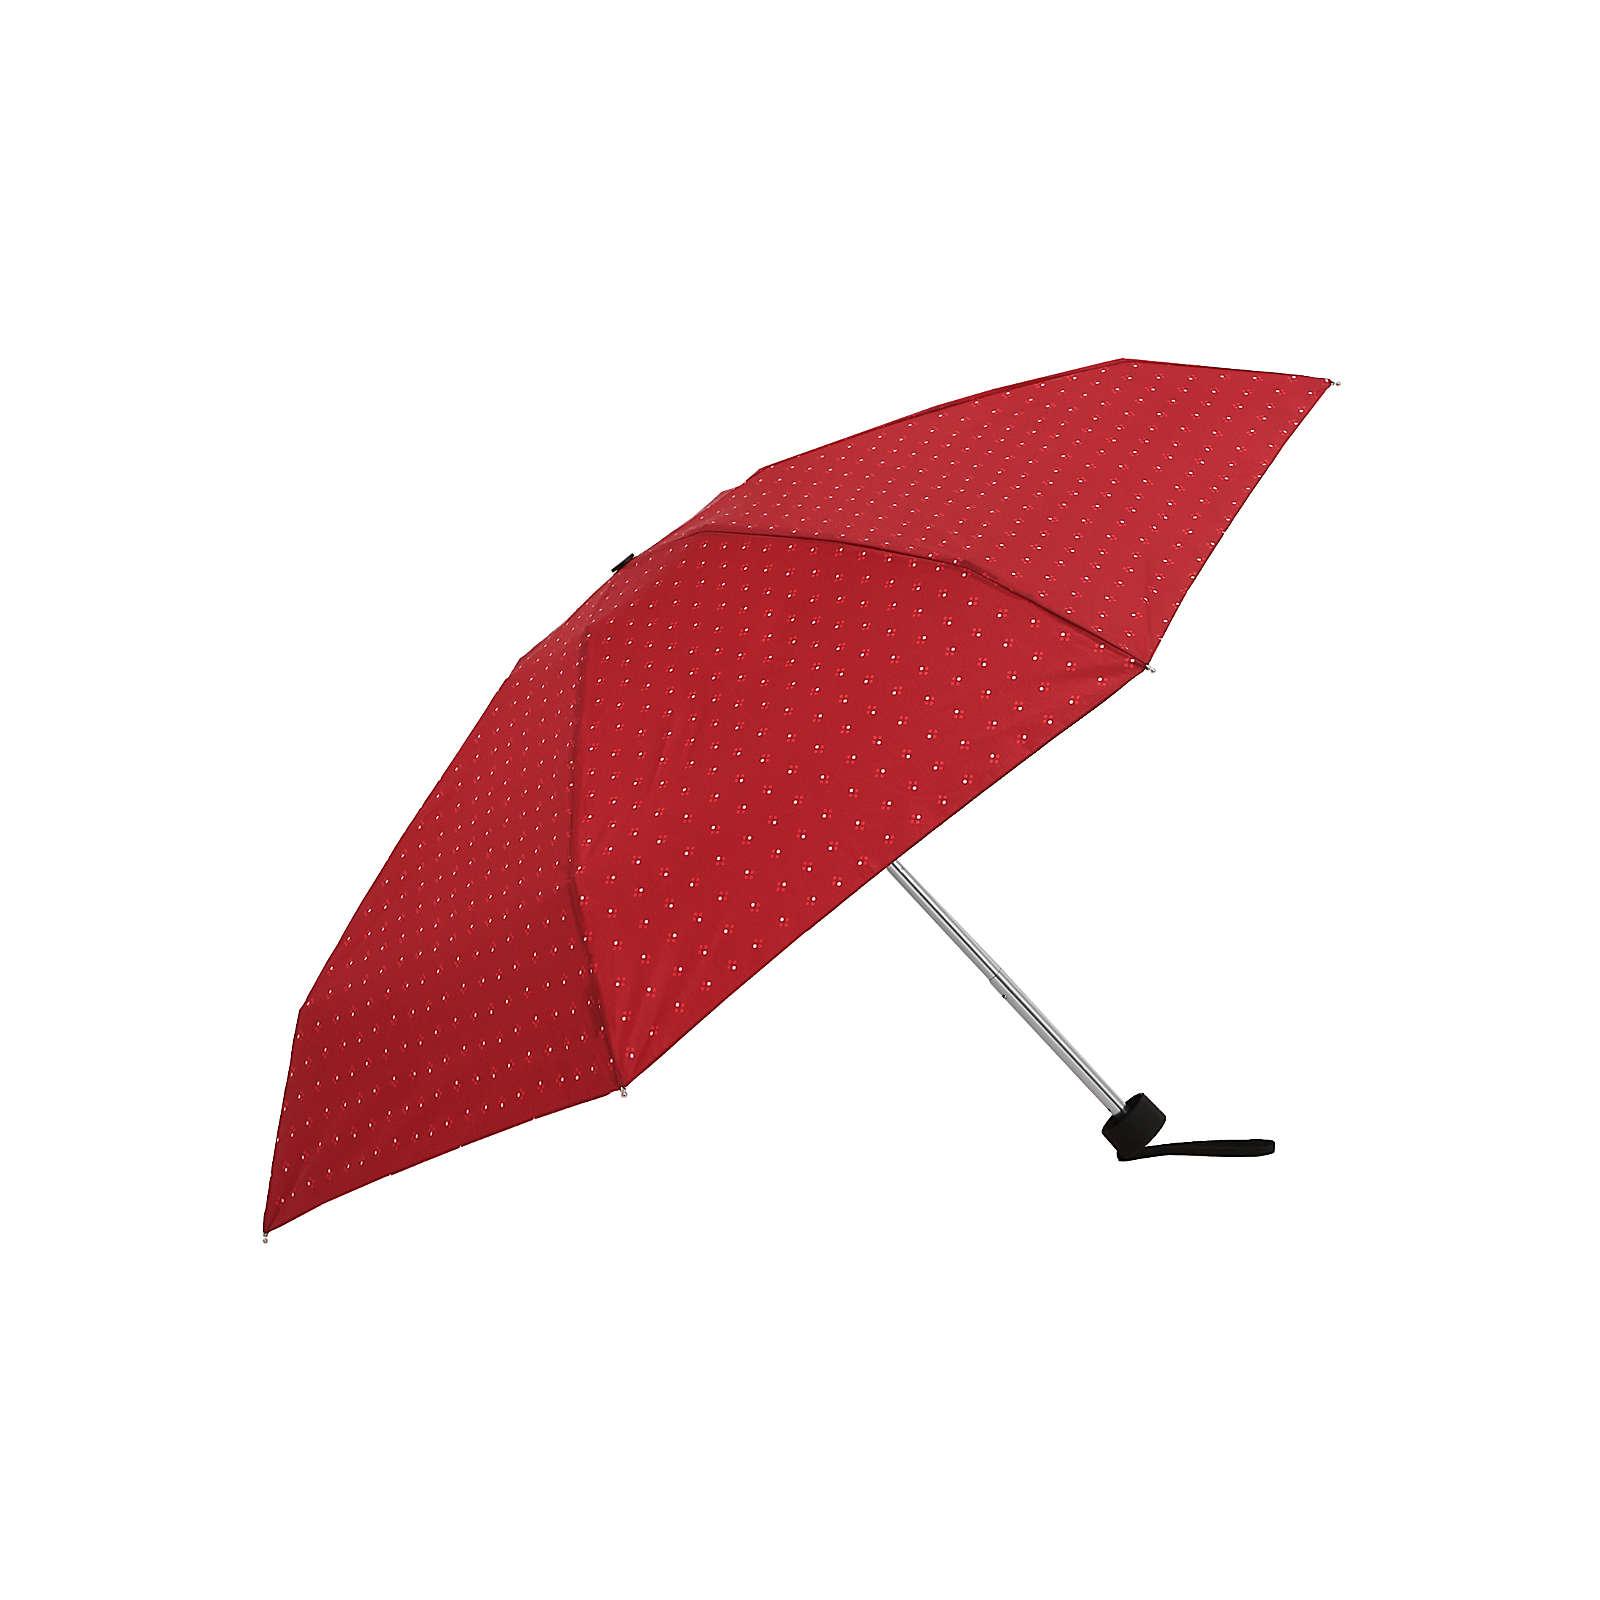 Tamaris Regenschirm Tambrella Mini 7 Minimals Regenschirme rot Damen Gr. one size